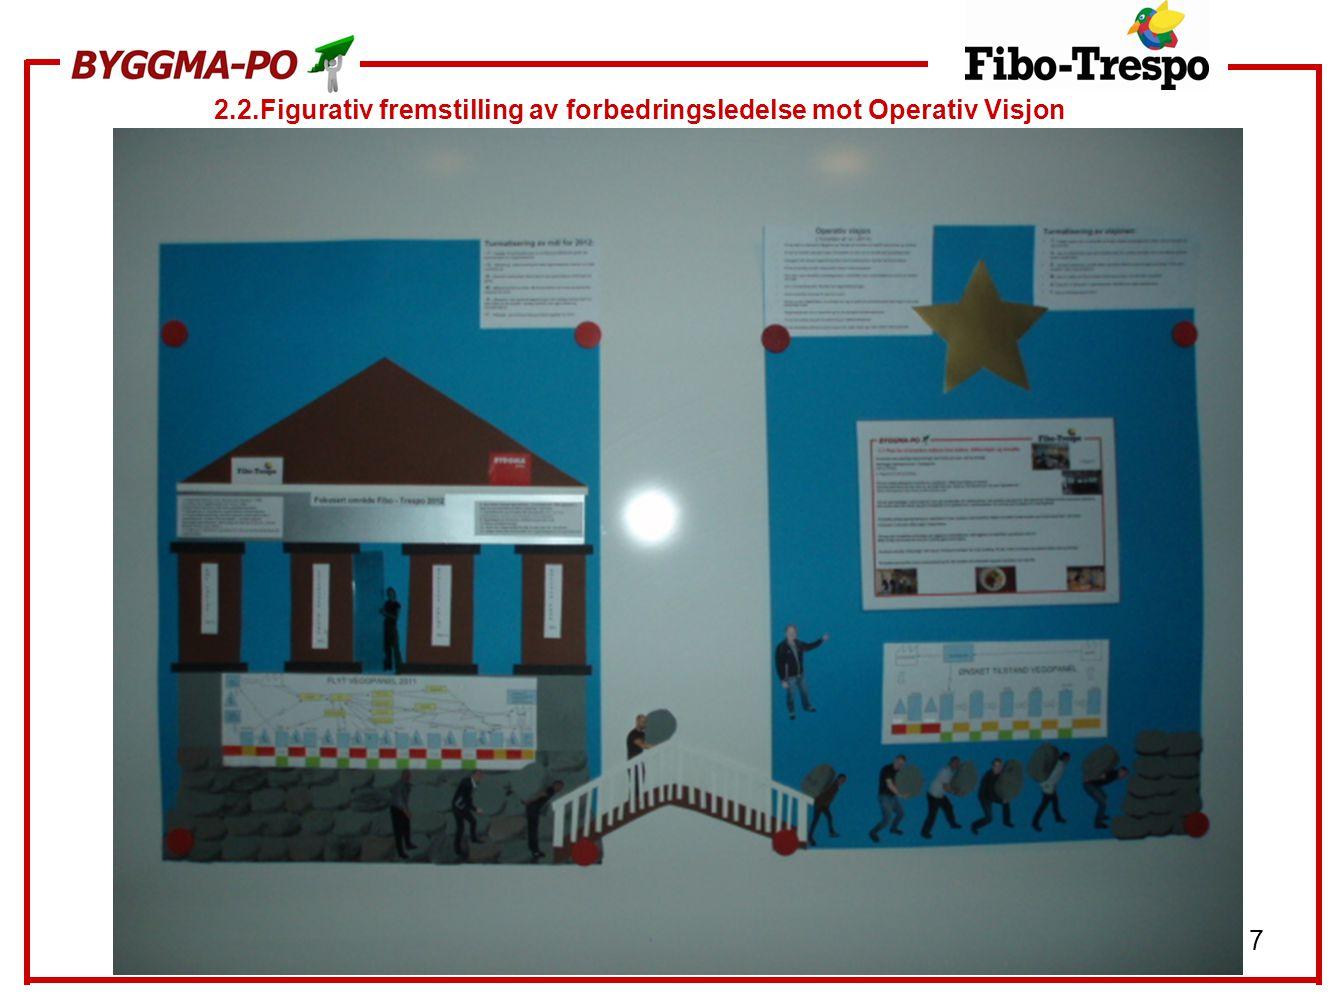 2.2.Figurativ fremstilling av forbedringsledelse mot Operativ Visjon